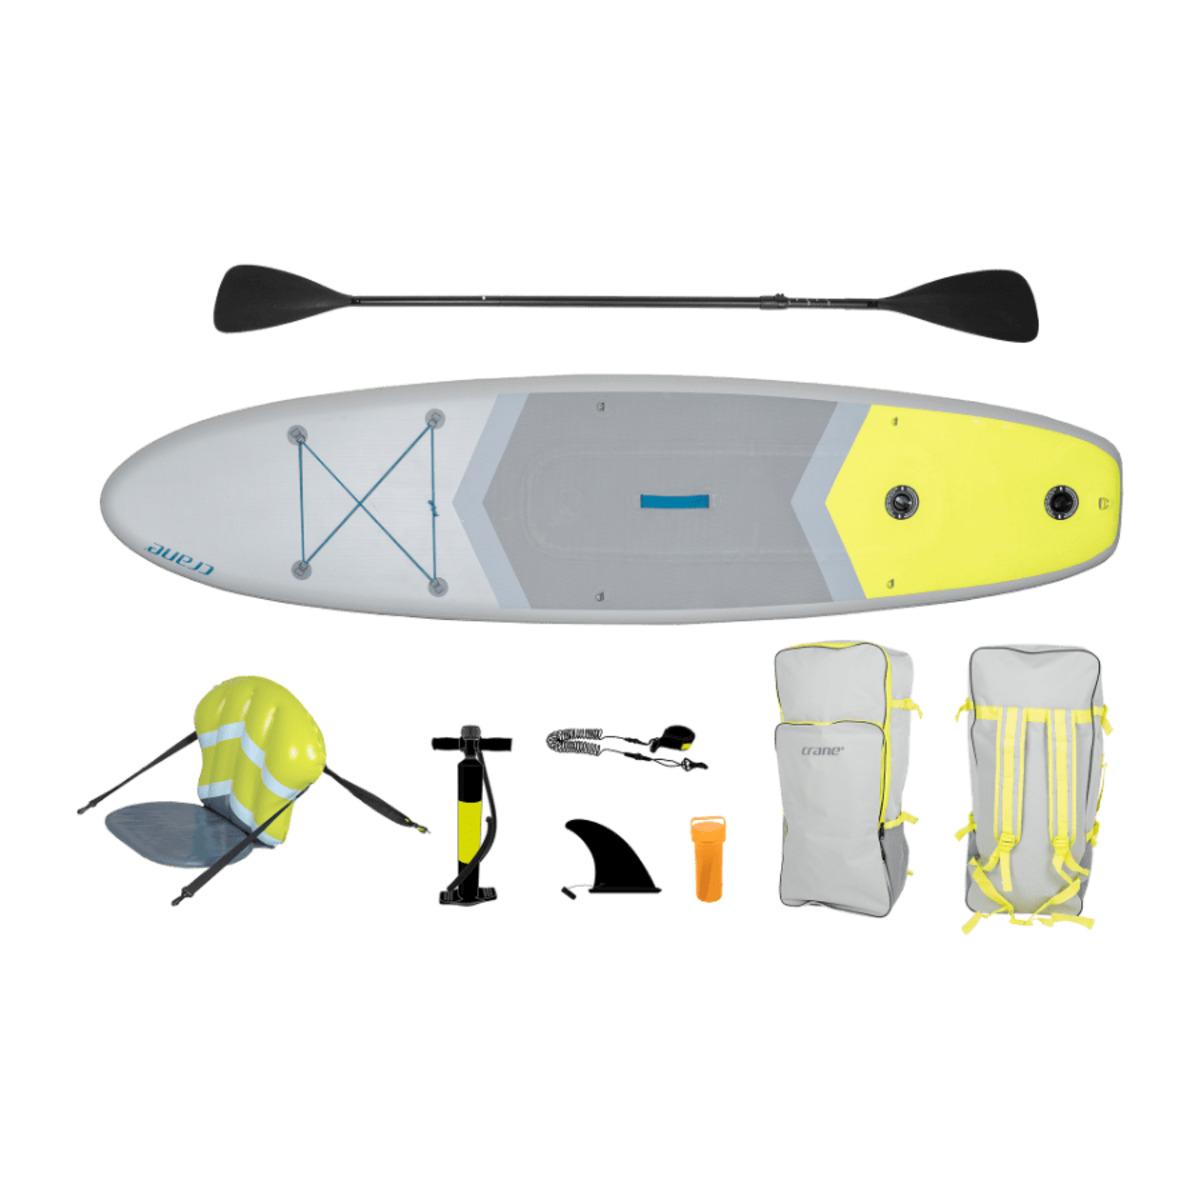 Bild 1 von CRANE     Stand-up-Paddleboard-Set